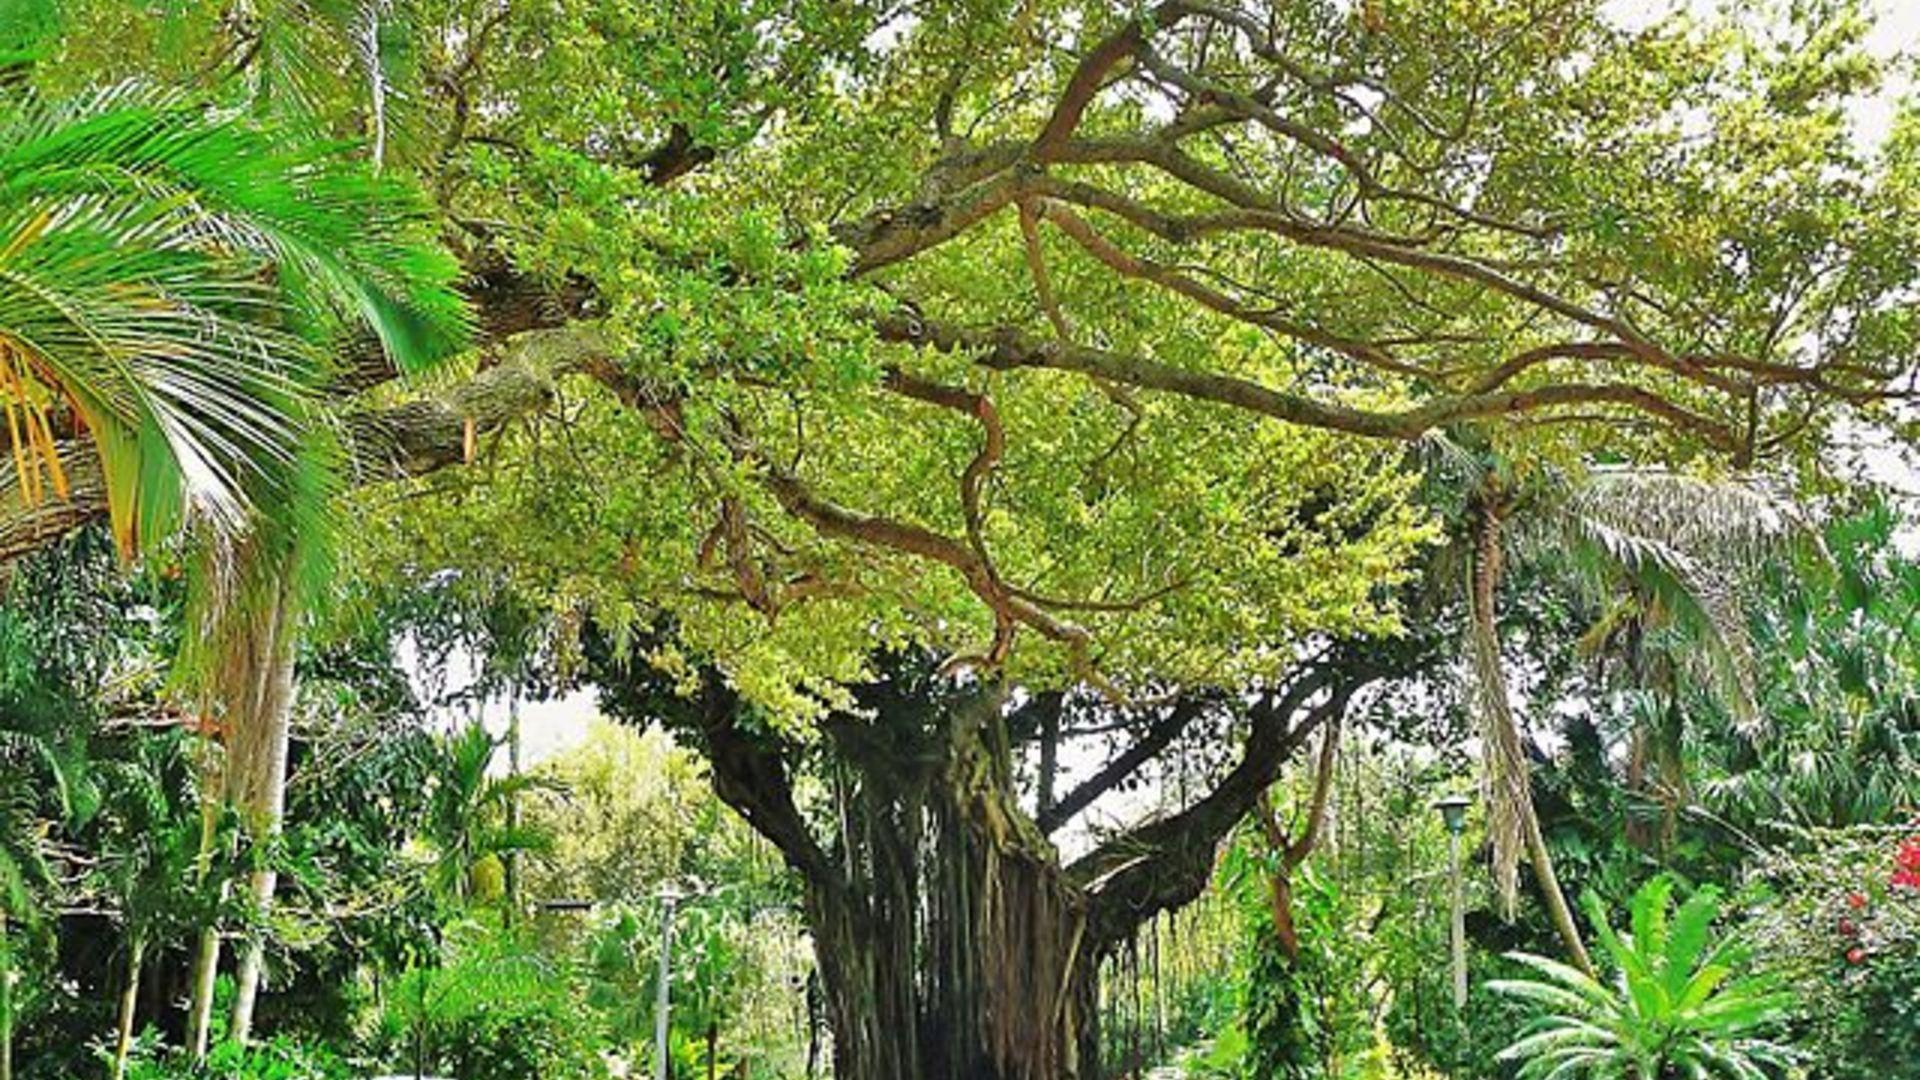 Coconutgrove